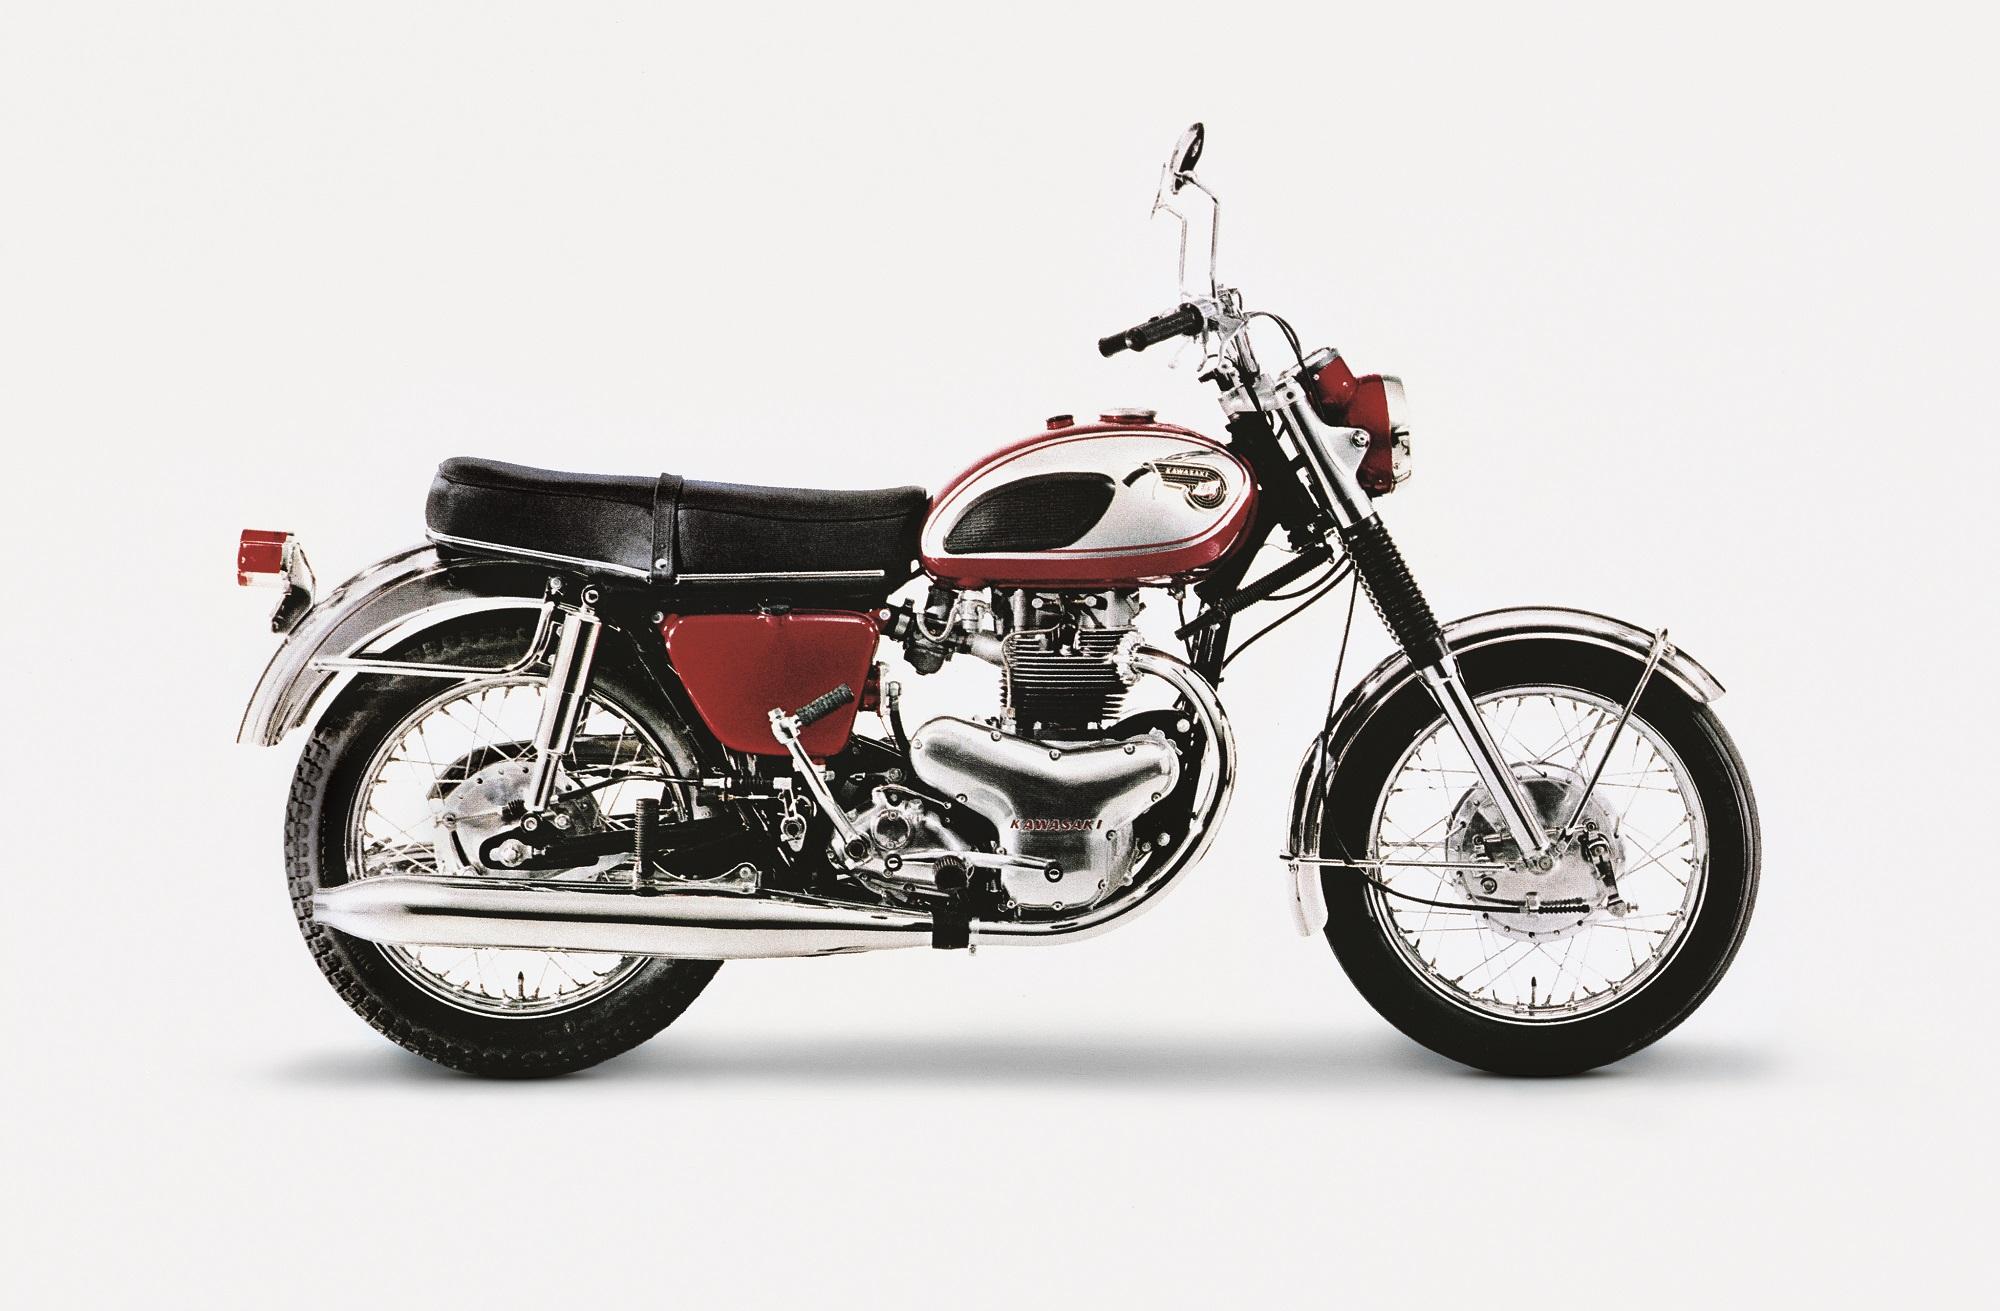 Kawasaki W800 Final Edition 66